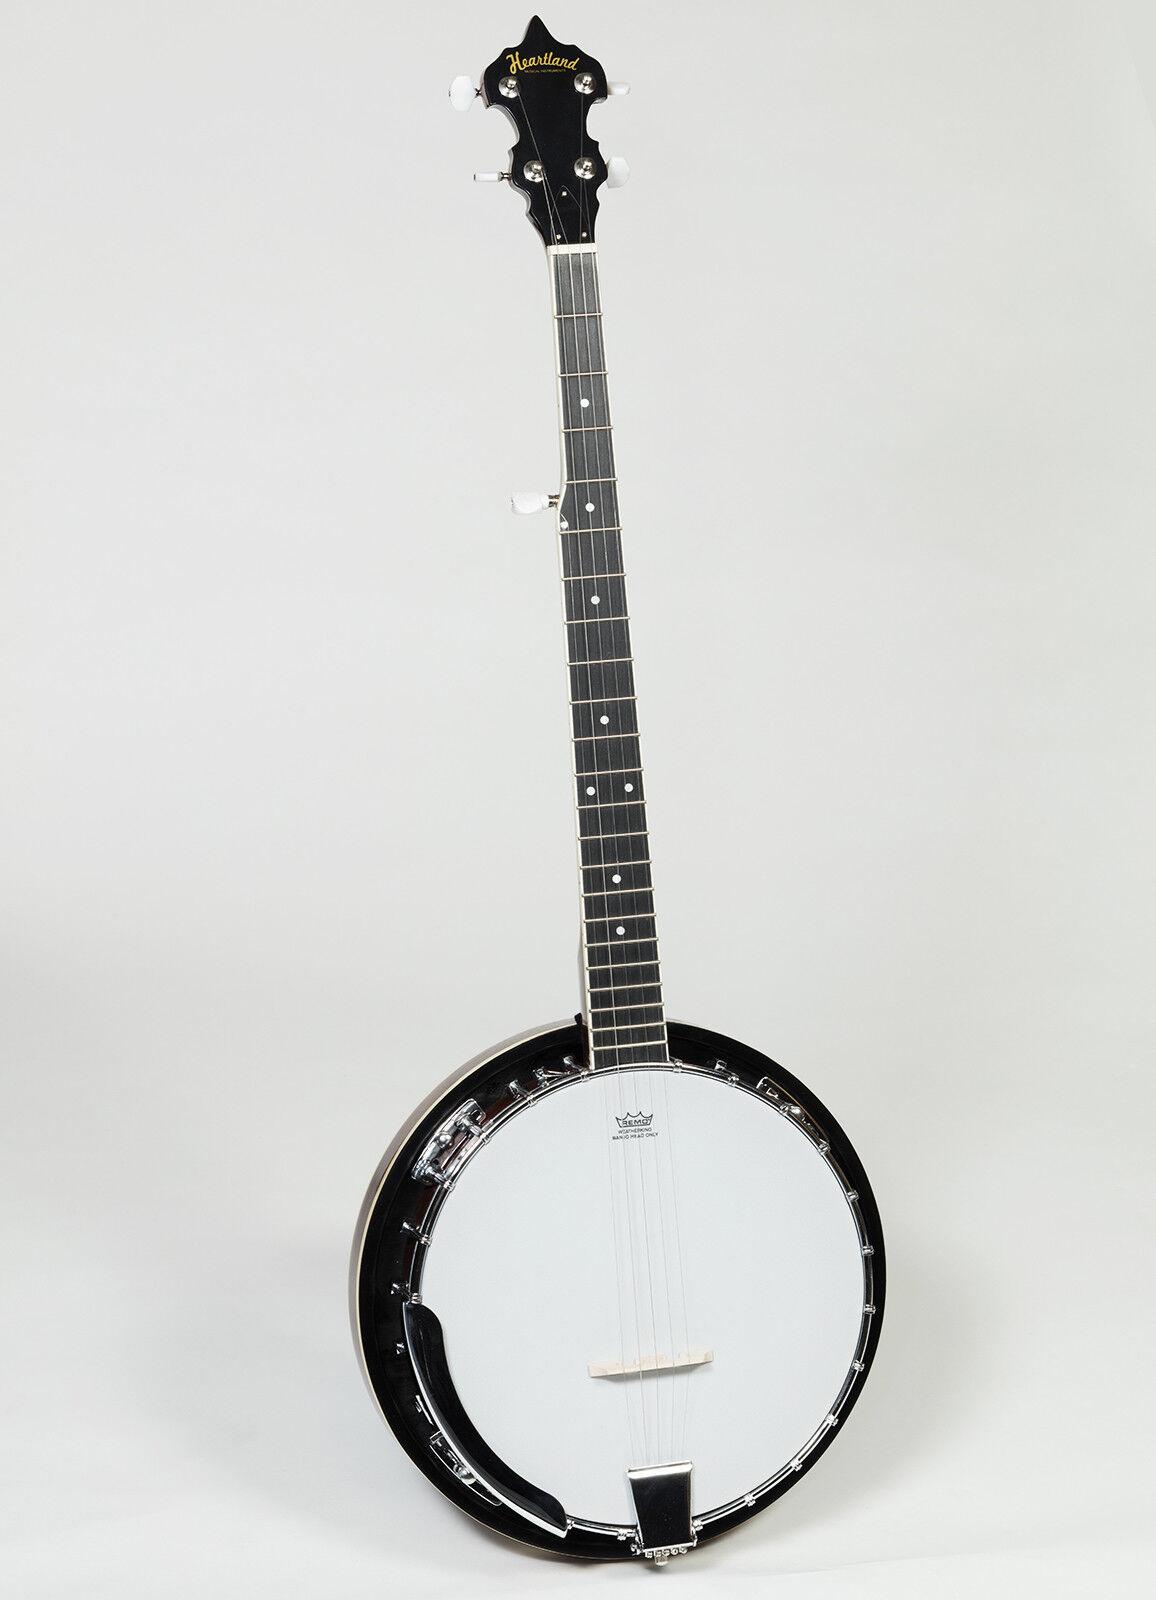 New Heartland Banjo, 5 String Banjo, 4 String tenor Banjo, Tenor Banjo With Case 5 Saiten Banjo mit Hart Case